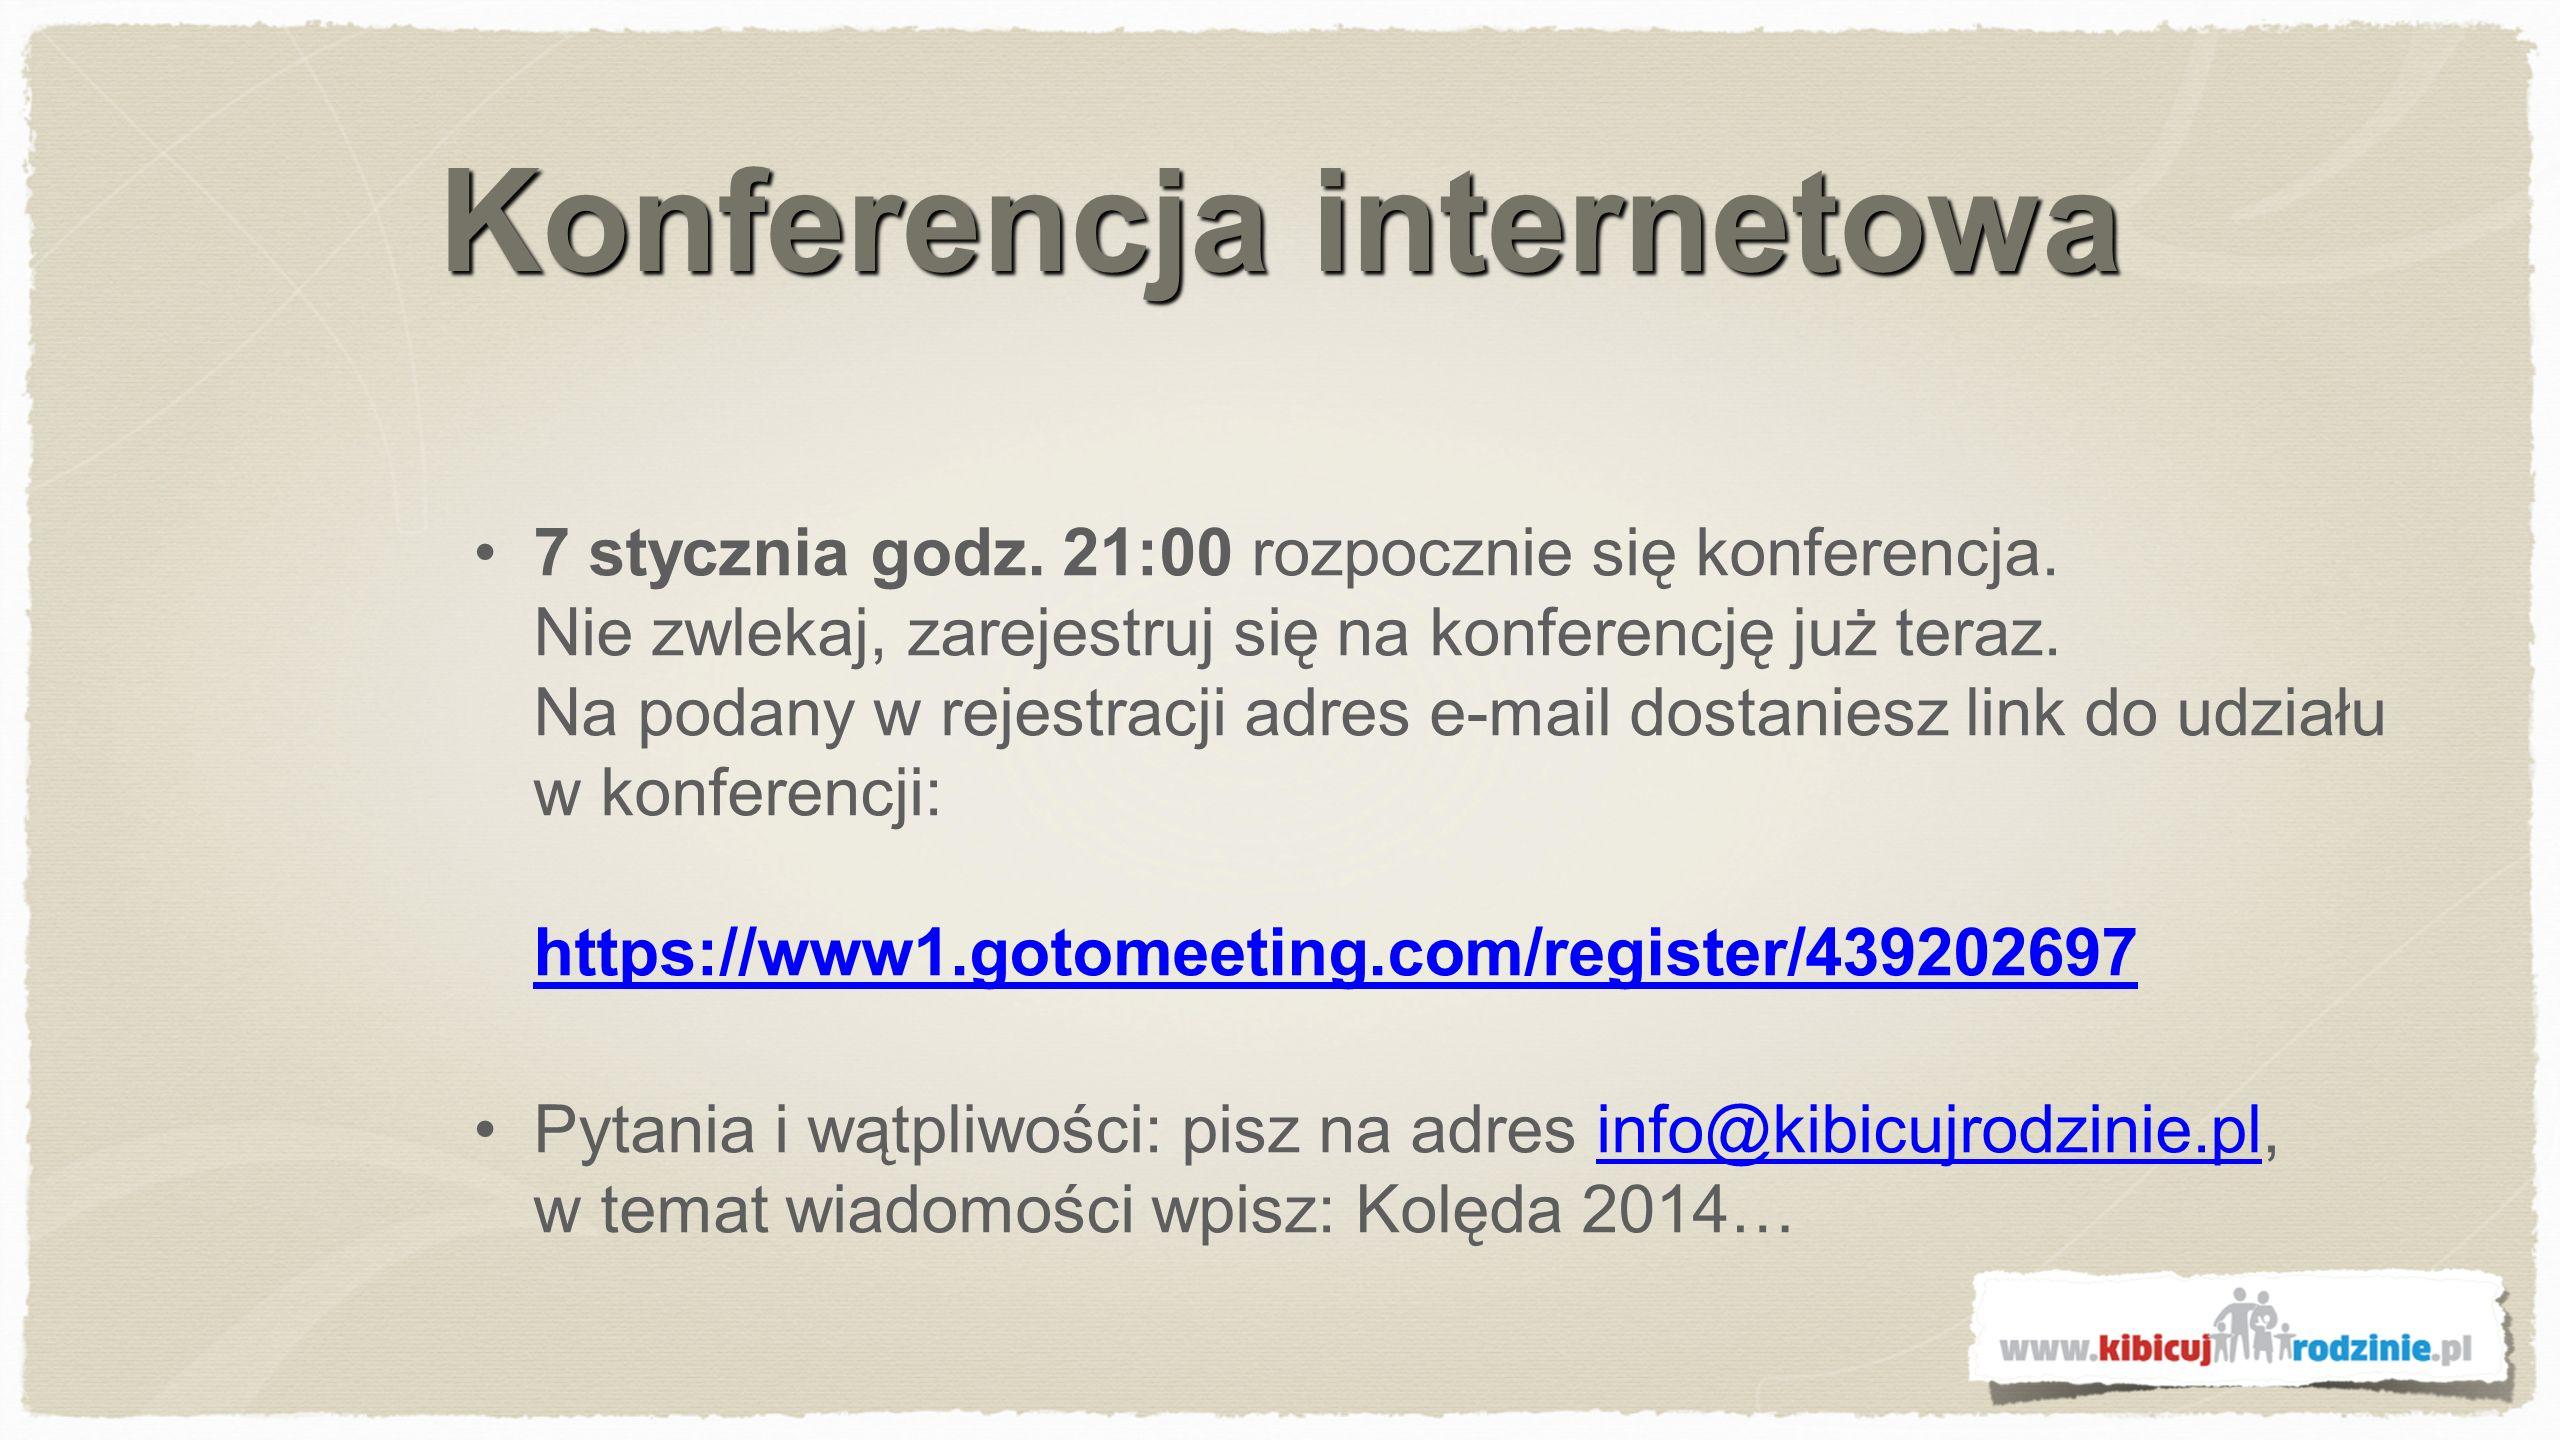 Konferencja internetowa 7 stycznia godz. 21:00 rozpocznie się konferencja.